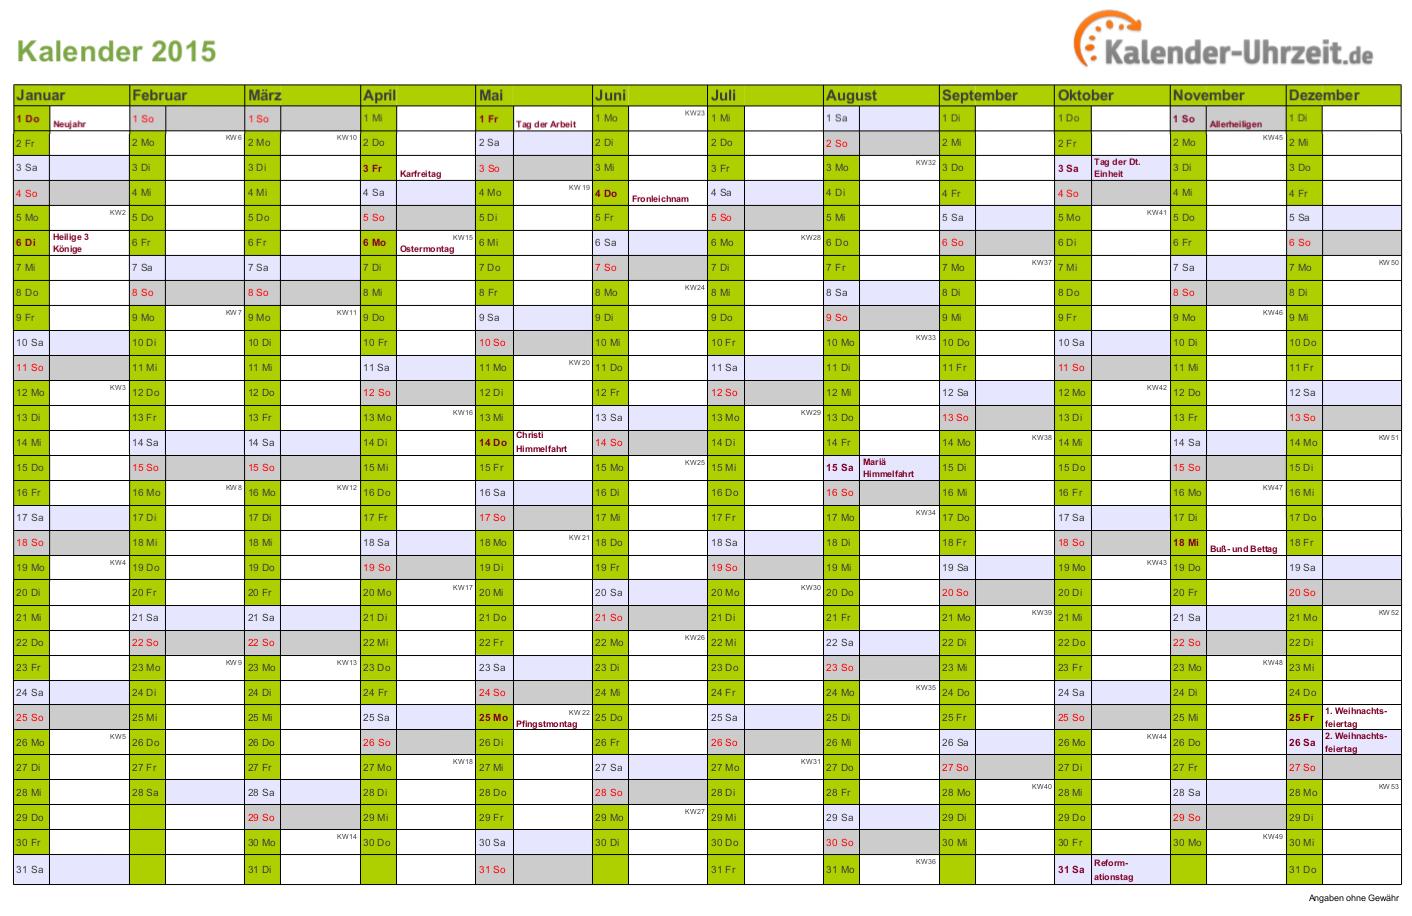 Kalender 2015 In Grun A4 Querformat Einseitig Kaluhr Kalender Kalender 2016 Kalender Feiertage